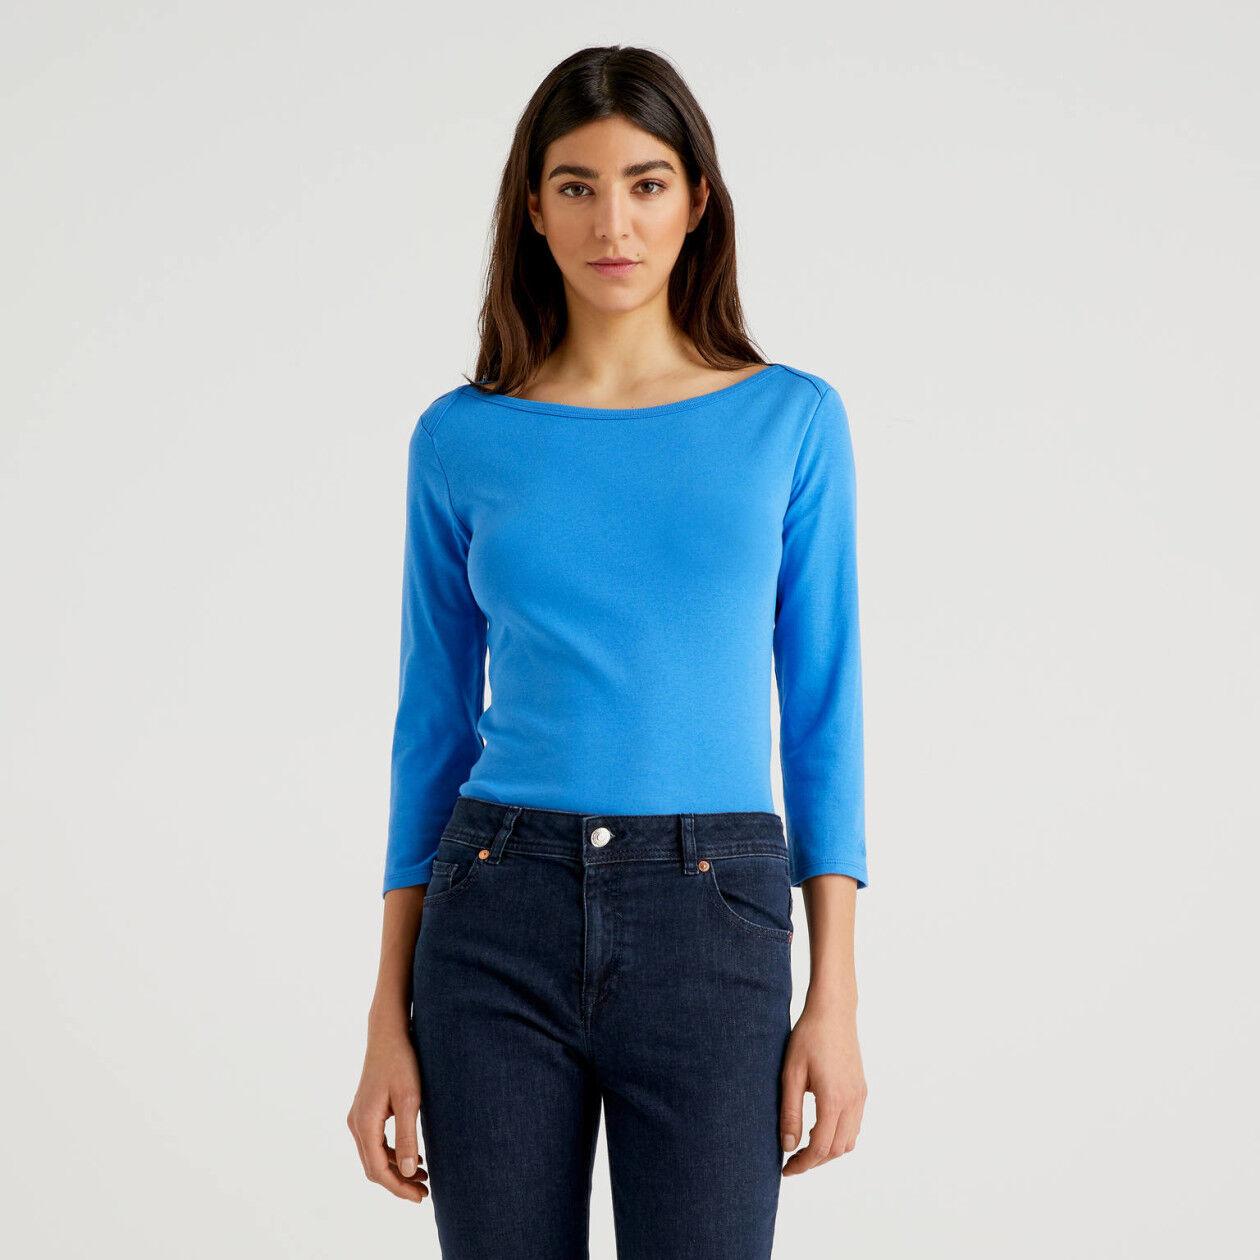 T-Shirt aus 100% Baumwolle mit U-Boot-Ausschnitt